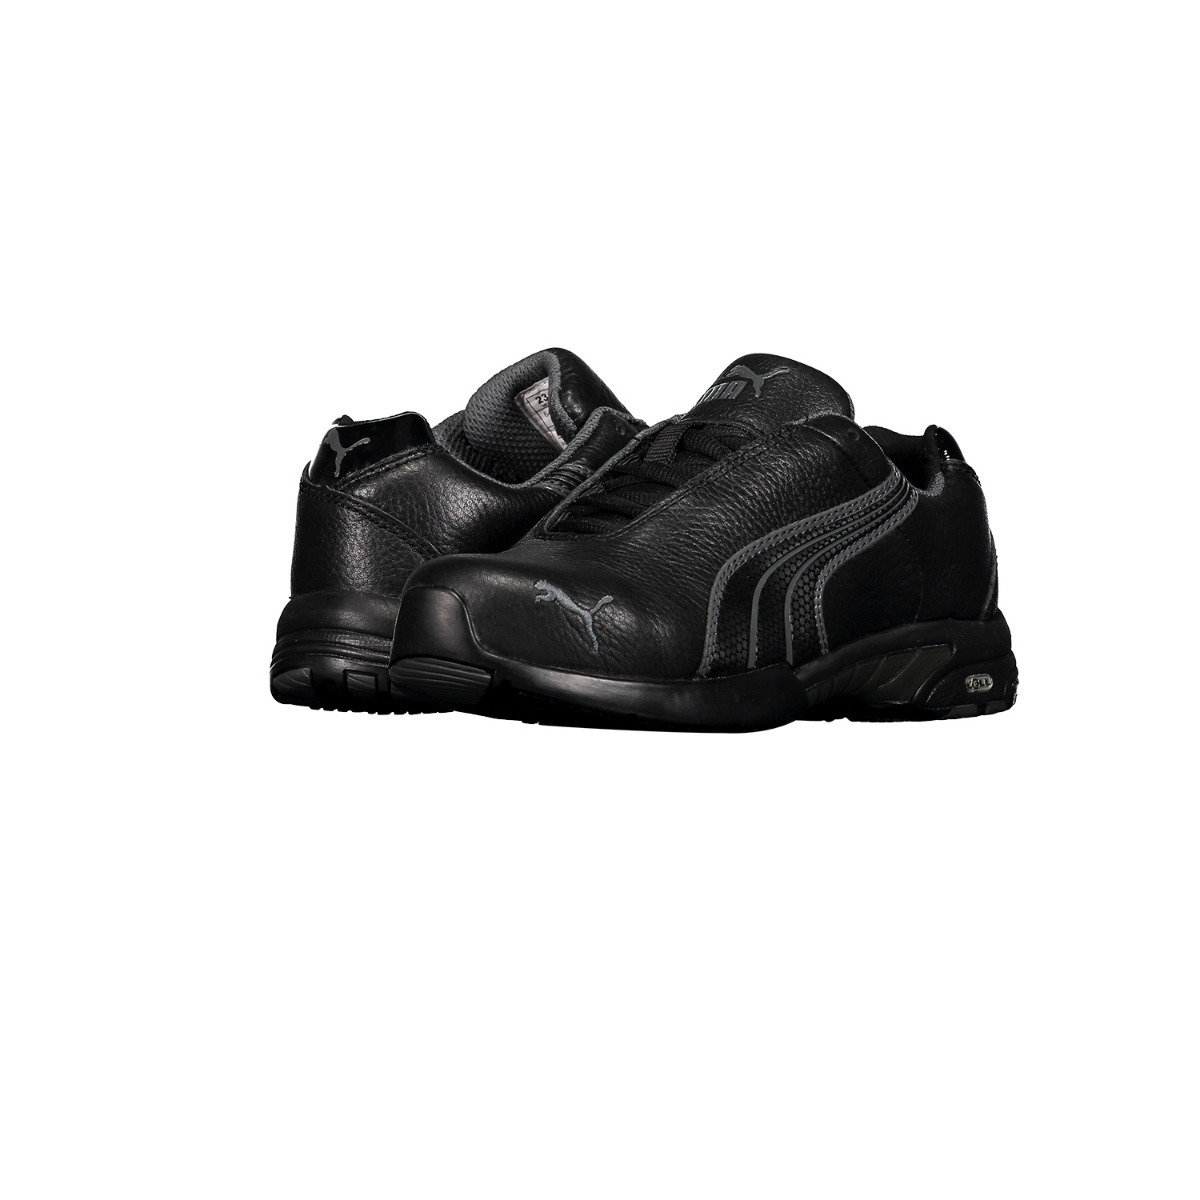 00 Puma Zapato Negro De Seguridad Piel Mujer 139 P854 3 Para qRxU4wHvBR